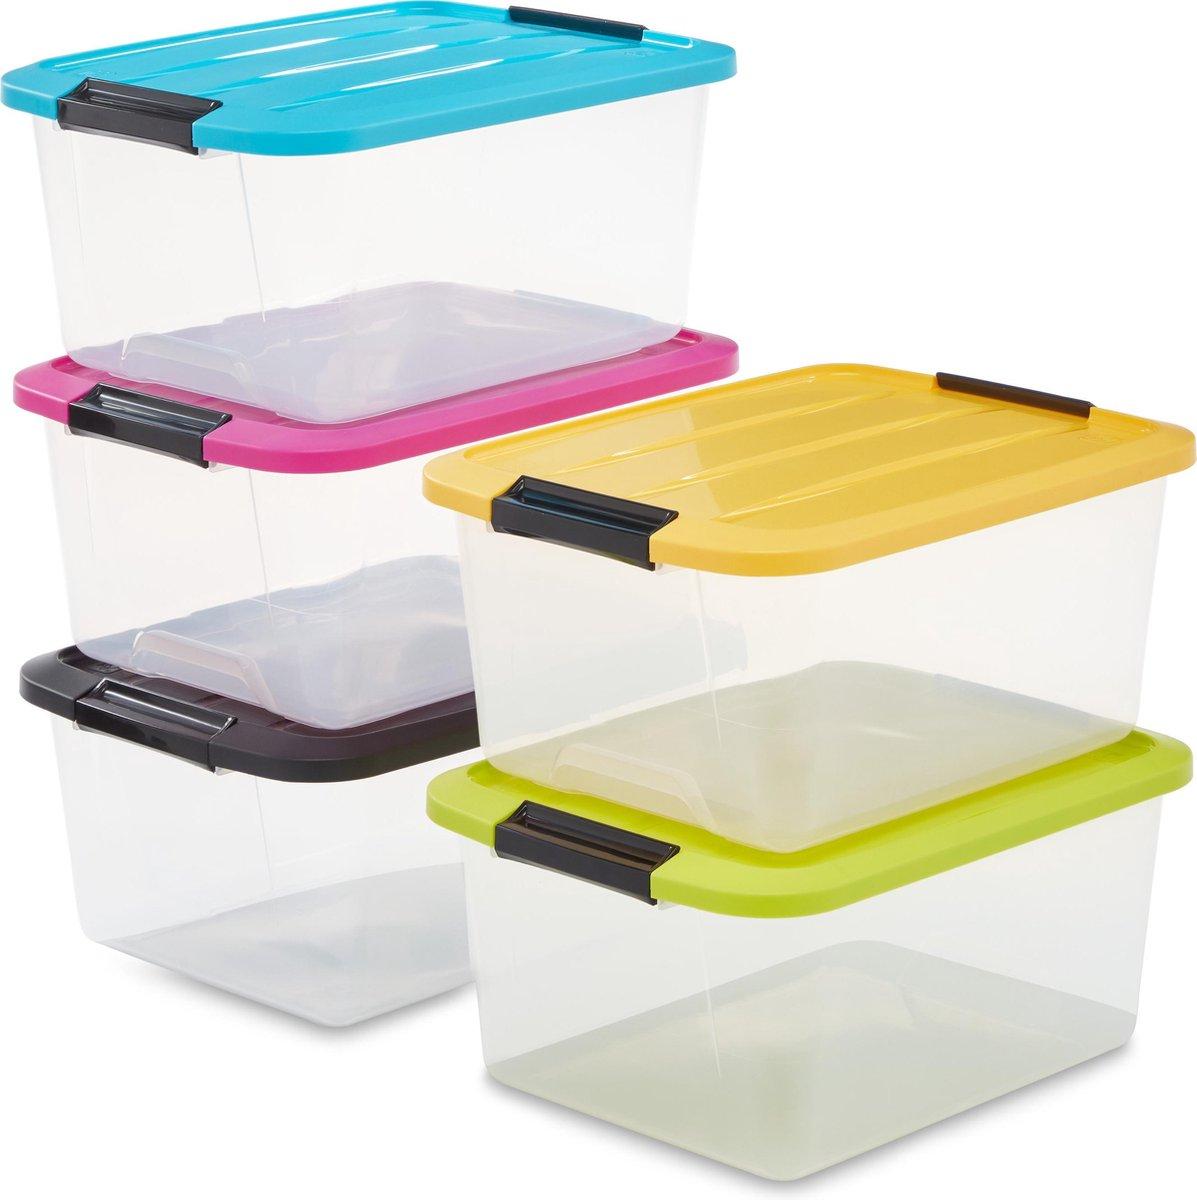 IRIS Topbox Opbergbox - 5 stuks van 15L - Kunststof - Transparant/Multicolor